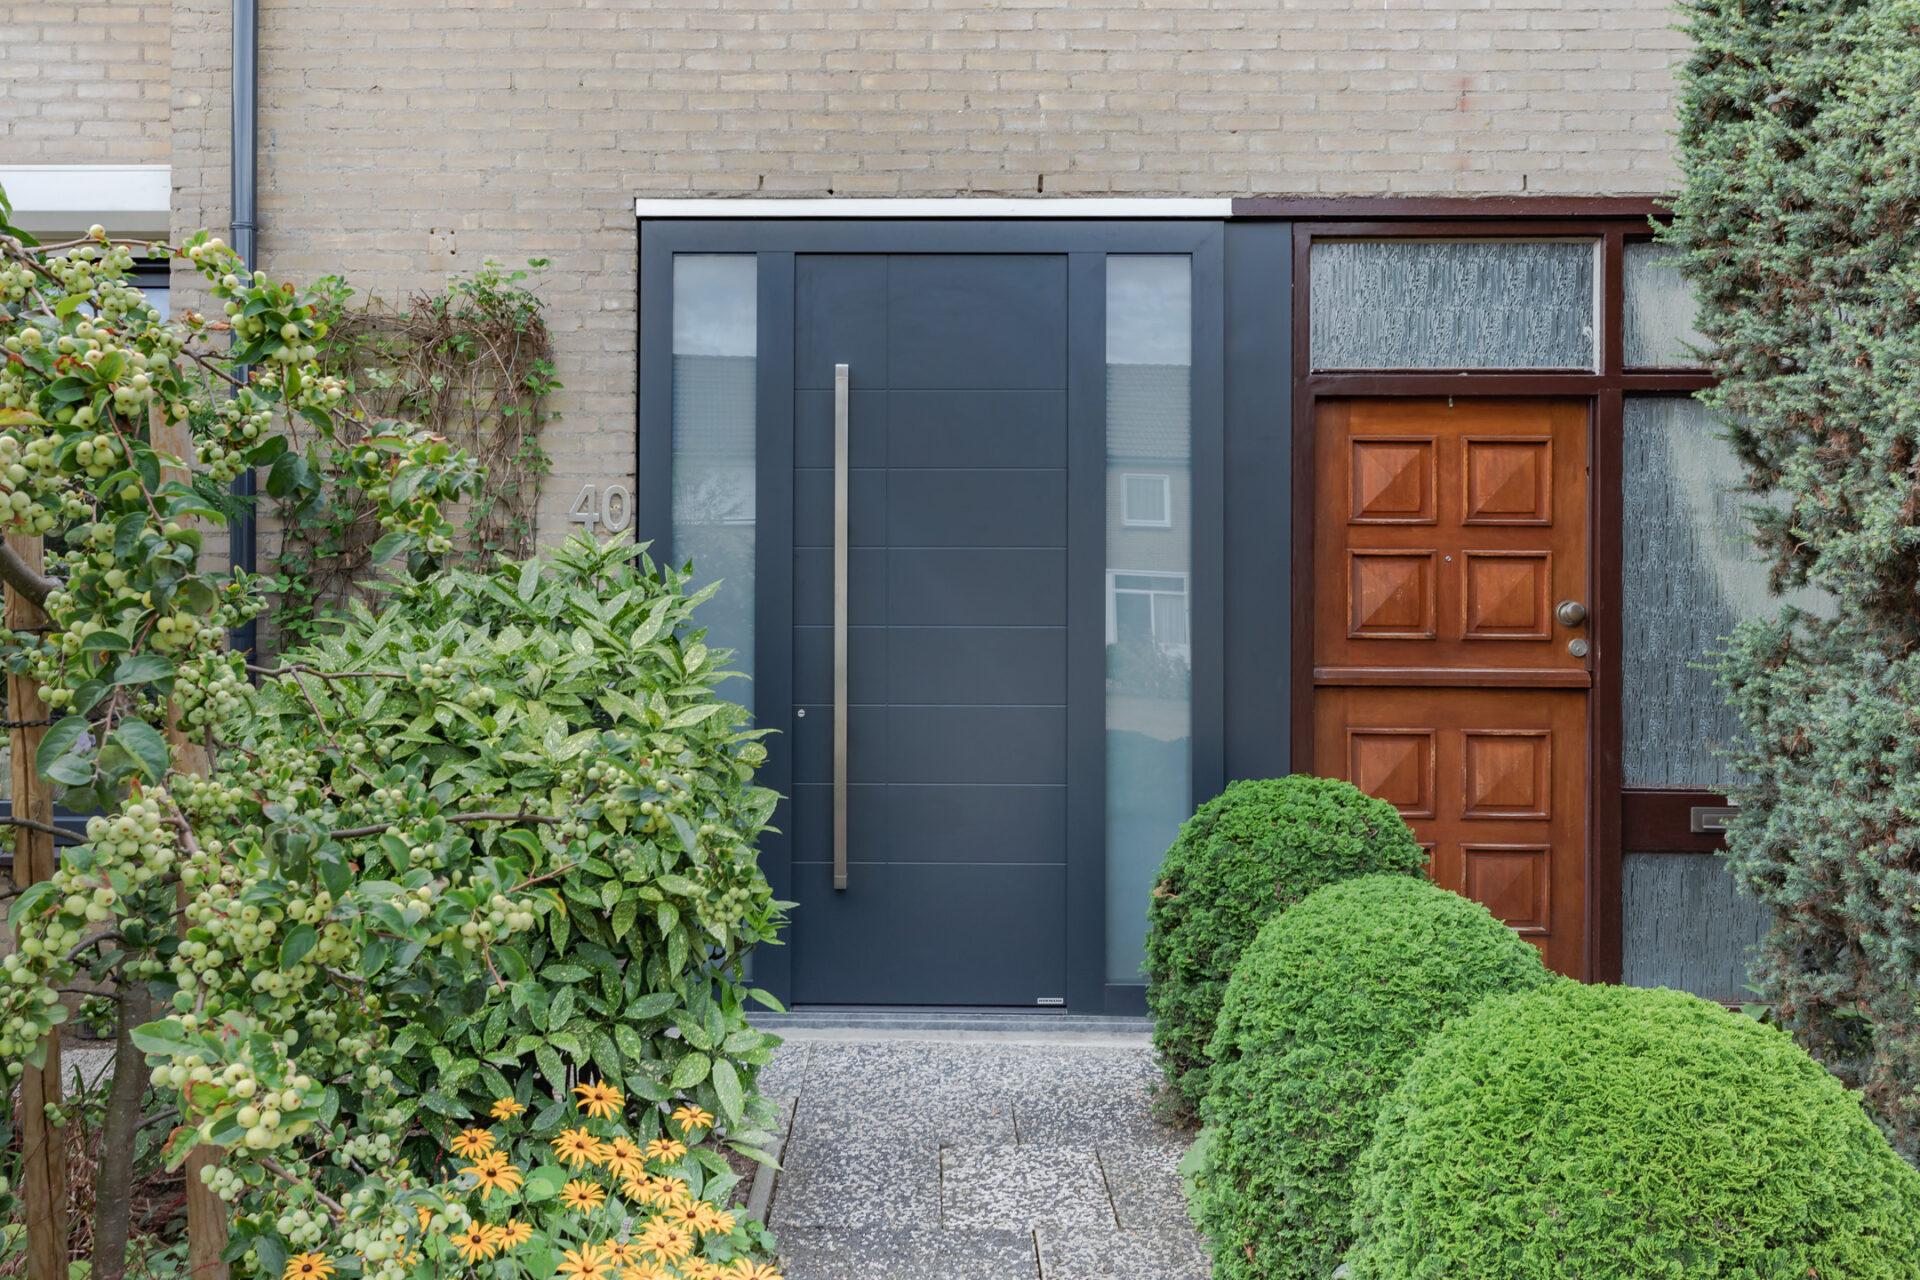 Select Windows kozijnen - Woningrenovatie met kunststof kozijnen in Elst - voordeur met zijraam